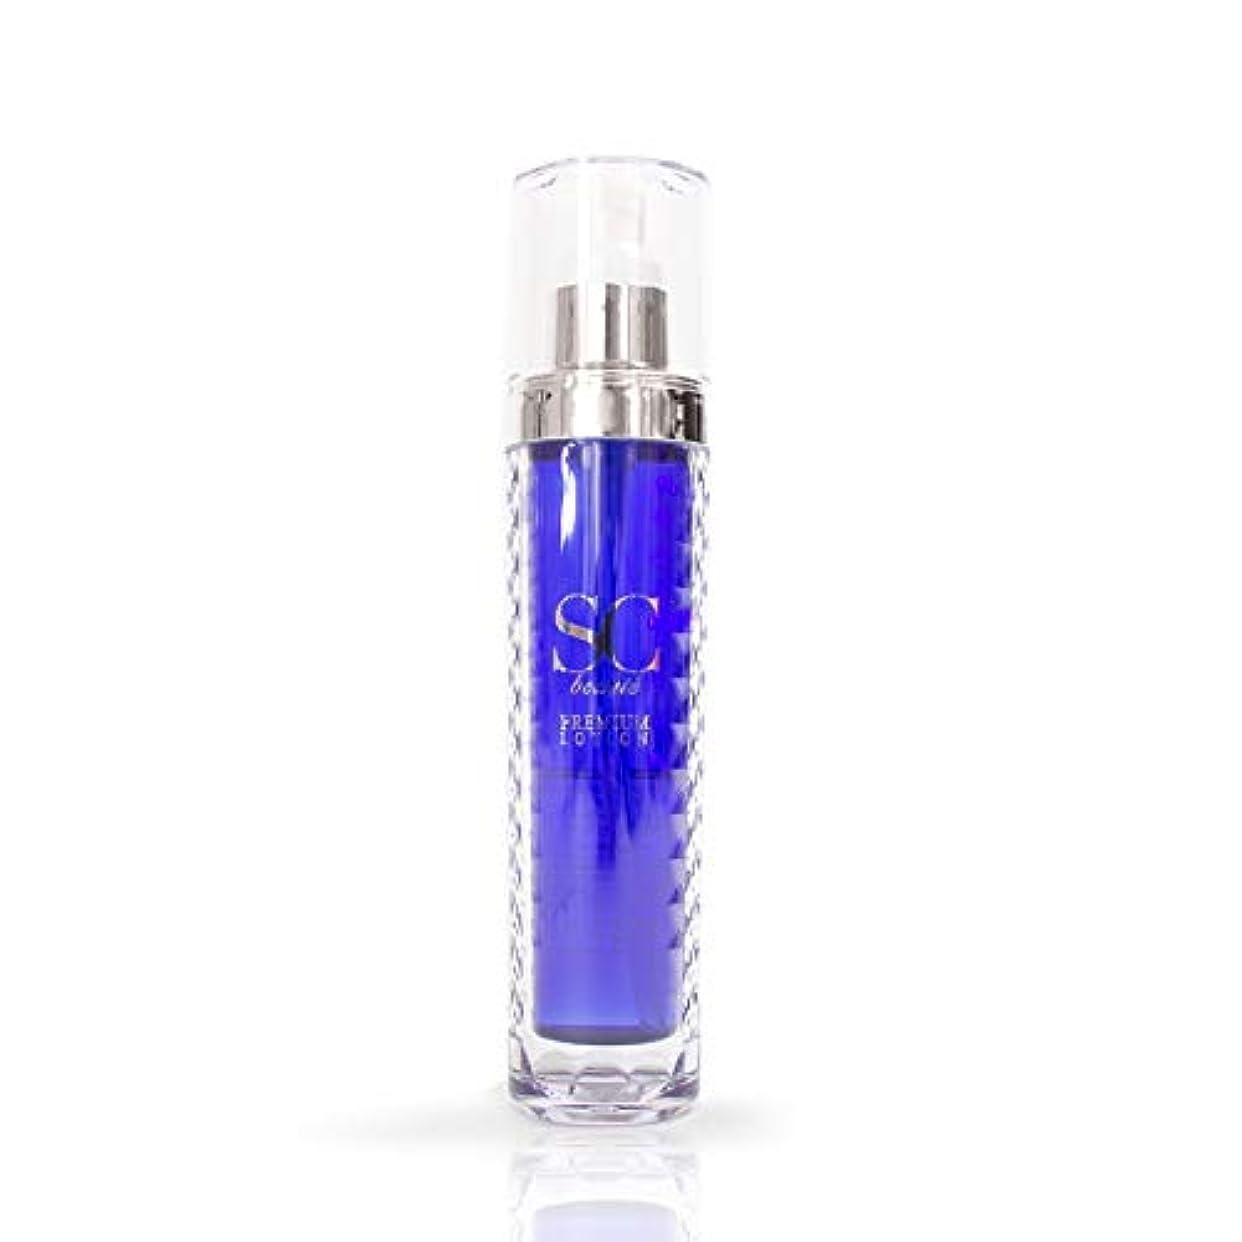 インテリア祈る第三SCボーテ プレミアムローション 化粧水 120ml 「皮膚再生医療」から誕生したヒト幹細胞培養液+海洋深層水+有効成分配合 (120ml)